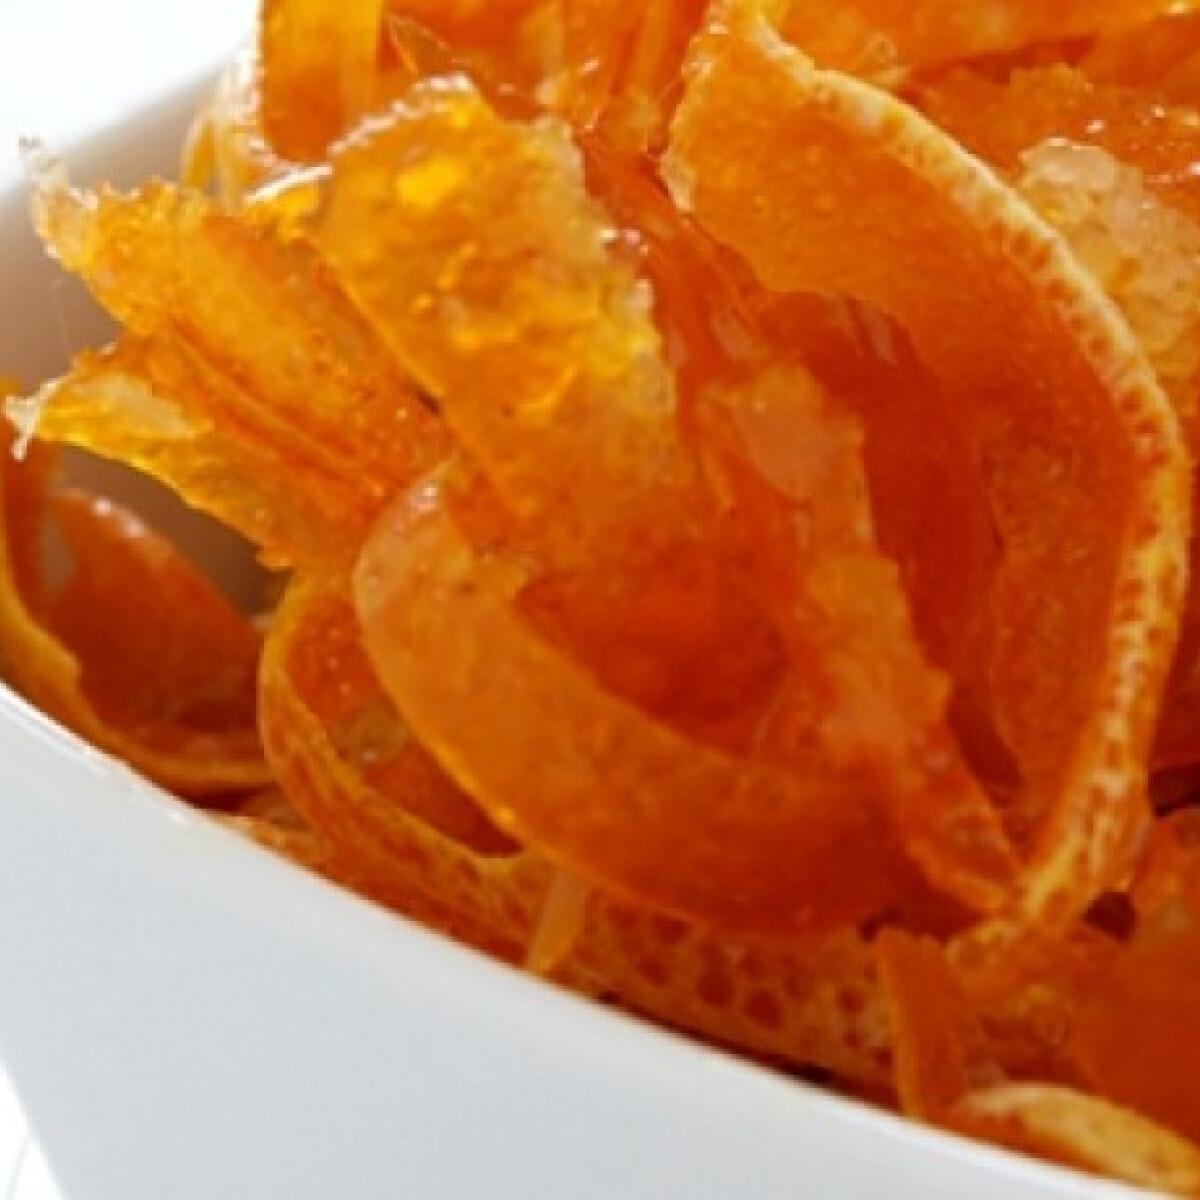 Kandírozott narancshéj szirupban eltéve